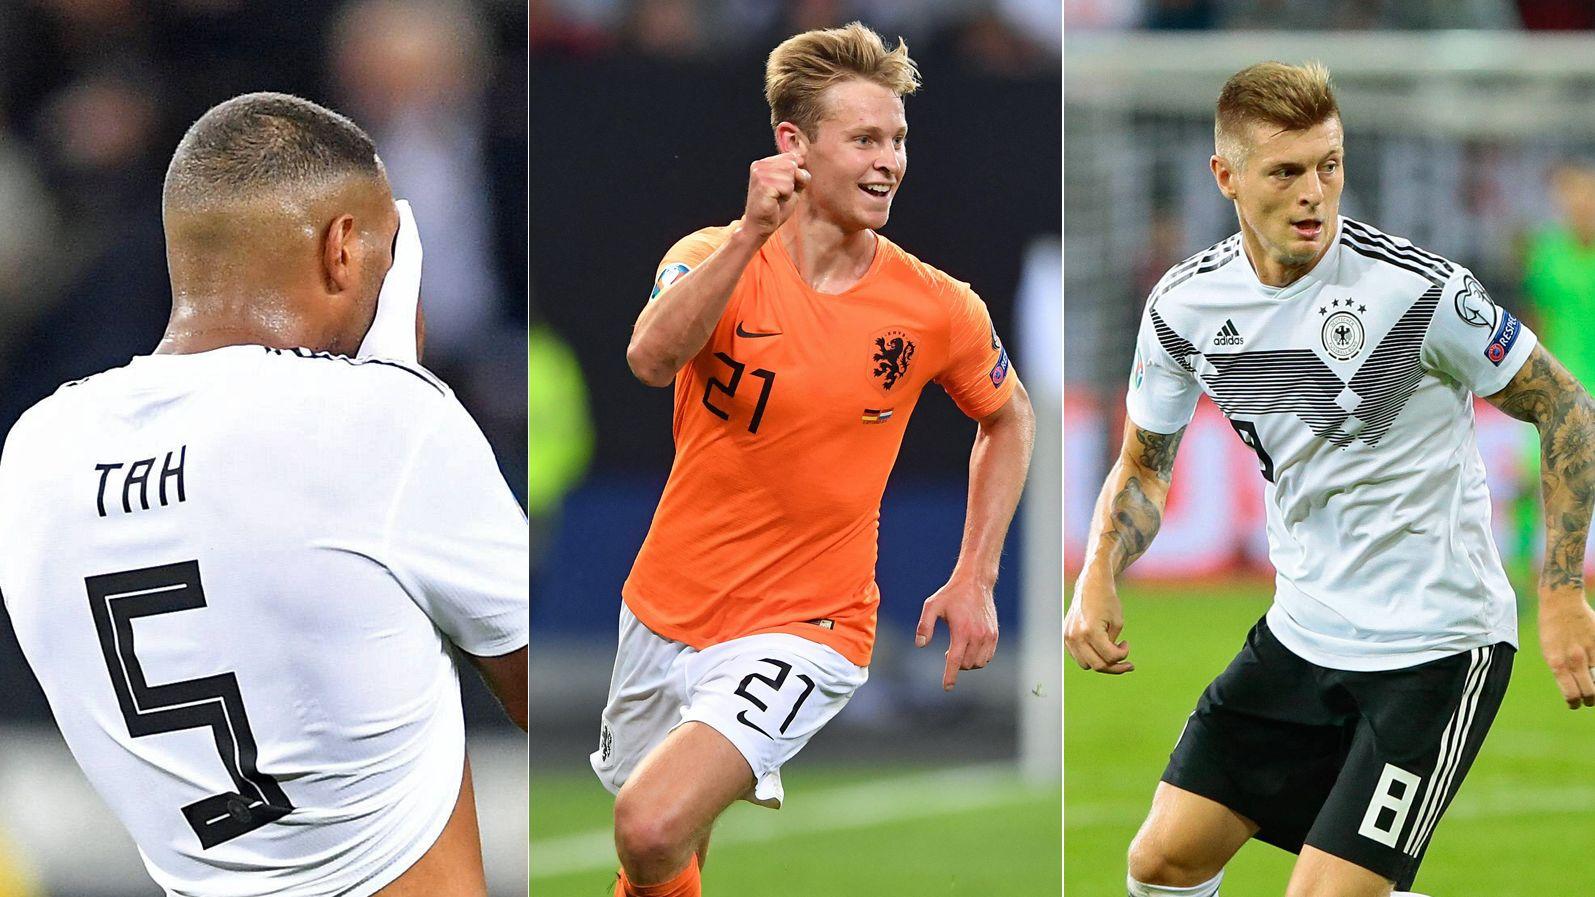 Einmal 6, zweimal 5: Die Noten zum Holland-Spiel - Nach dem 2:4 in Hamburg